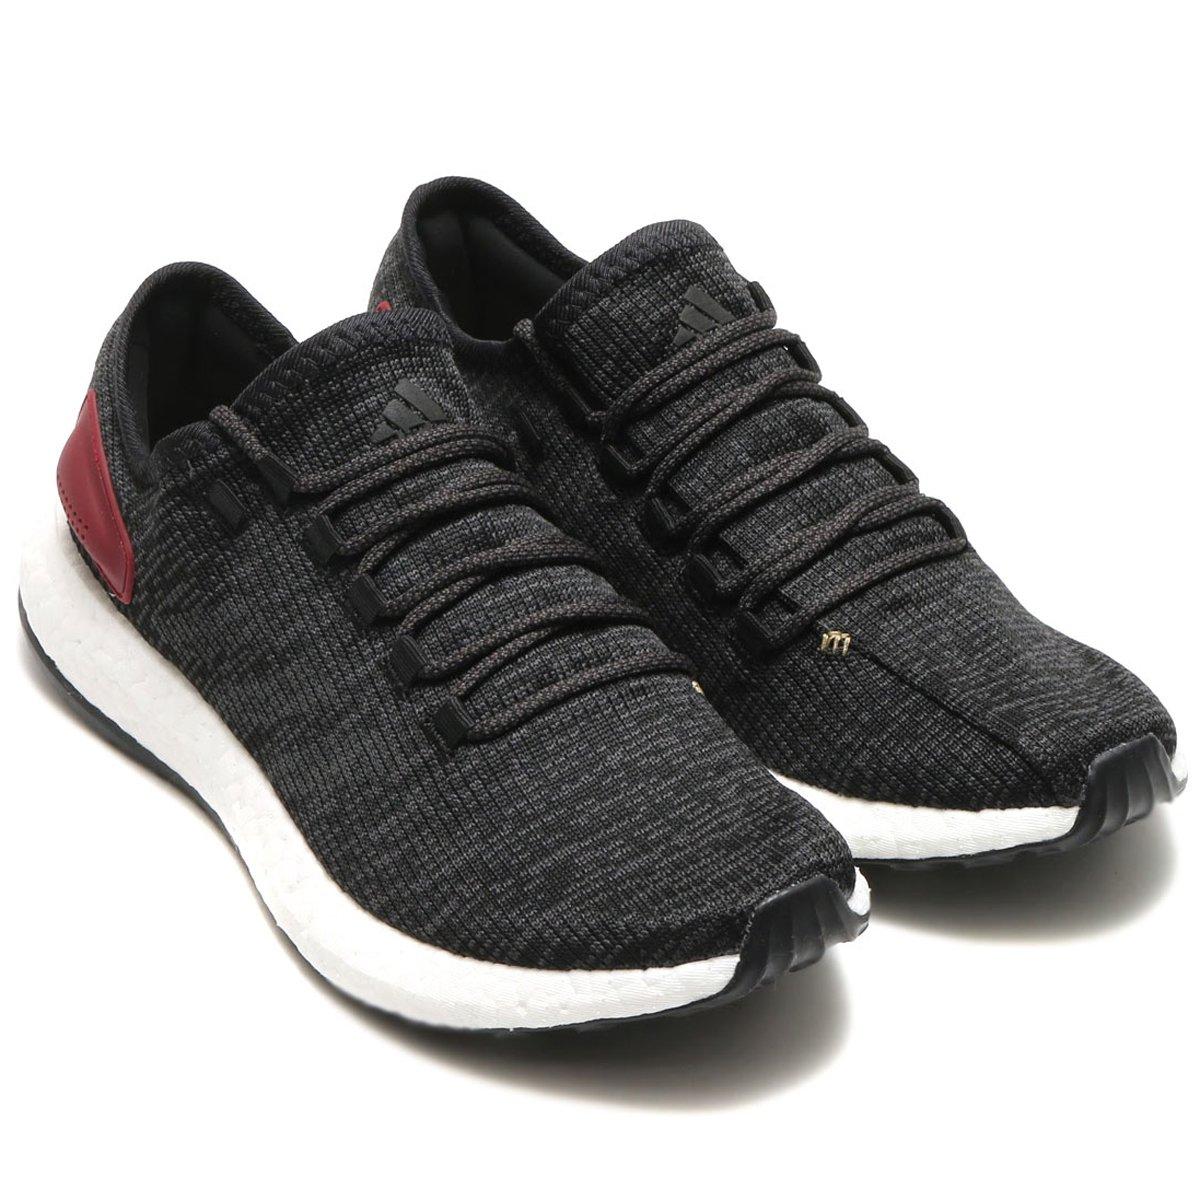 好評 正規品 LTD adidas アディダス ピュアブースト LTD 27.0cm [Pureboost Ltd] コアブラック/グレー adidas/バーガンディ BA8889 27.0cm B07QK38W2H, Sportsman:44fba63c --- arianechie.dominiotemporario.com